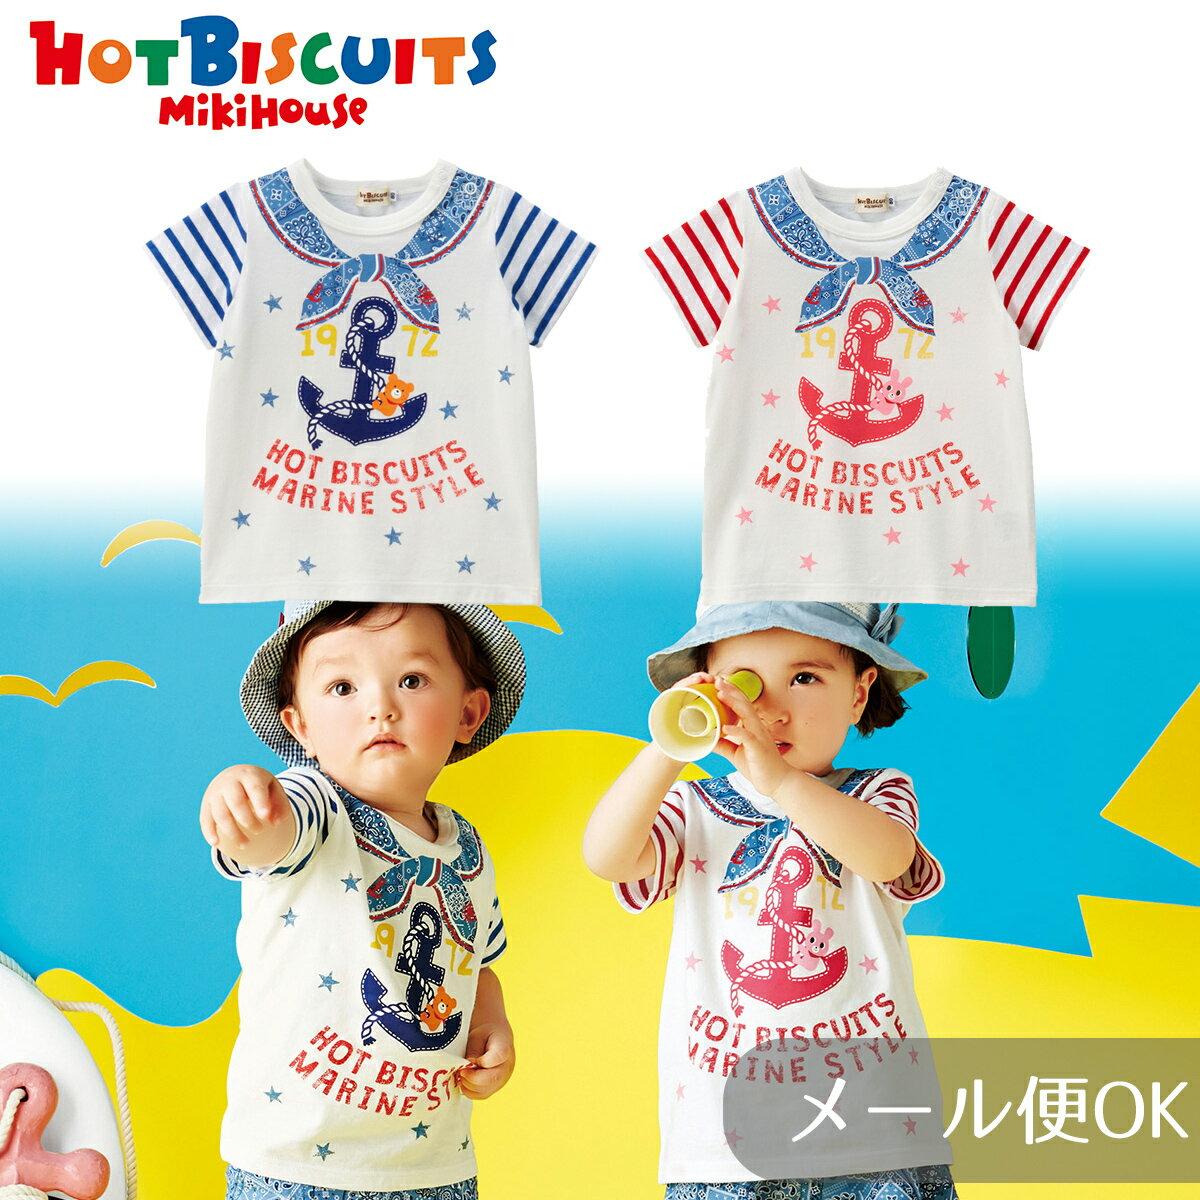 ■【セール30%OFF】【メール便OK】【HOT BISCUITS ホットビスケッツ】マリン風フェイクプリント半袖Tシャツ(80cm・90cm)ミキハウス